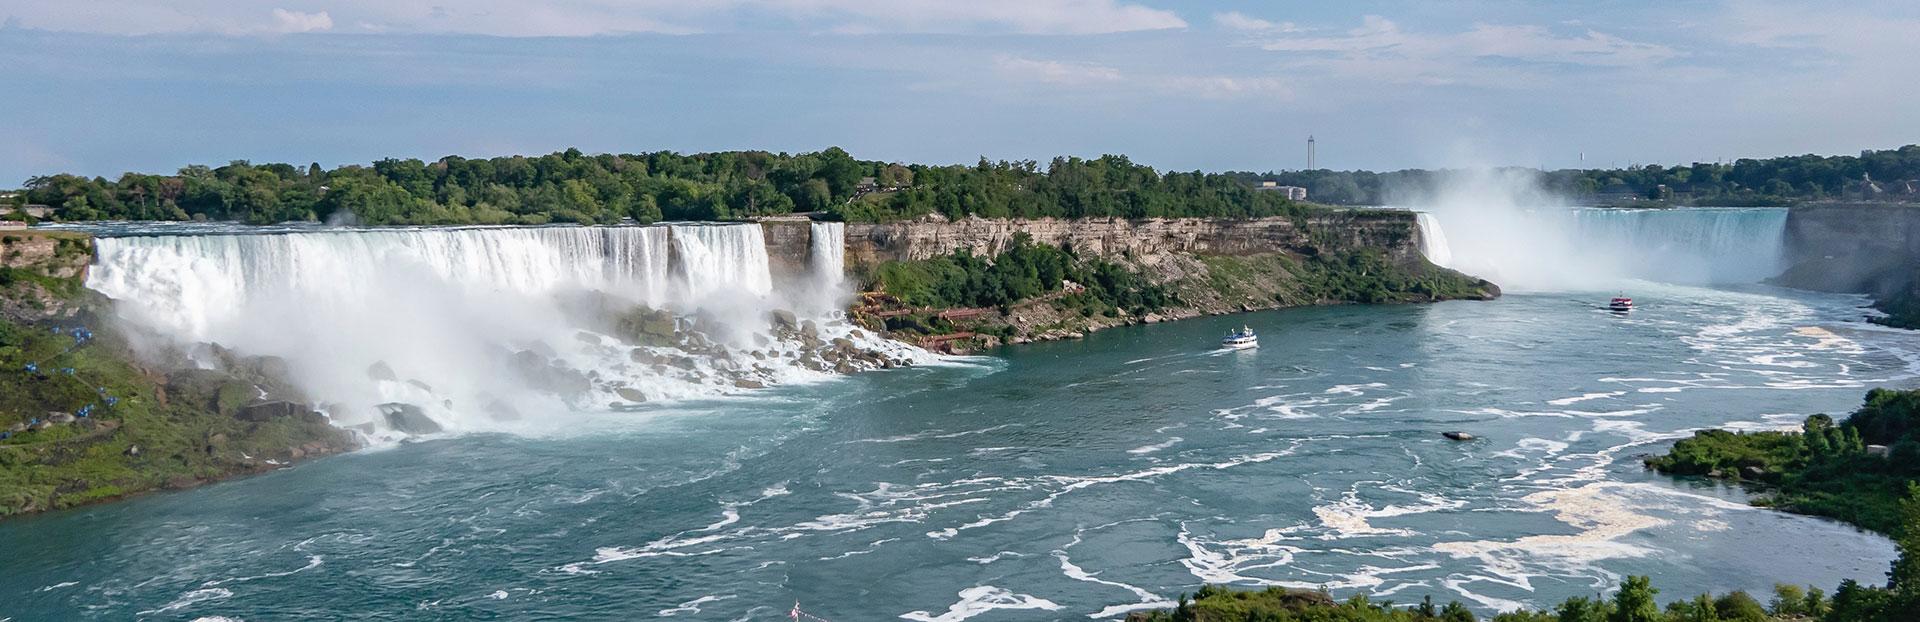 Niagara Falls Danny Hoang